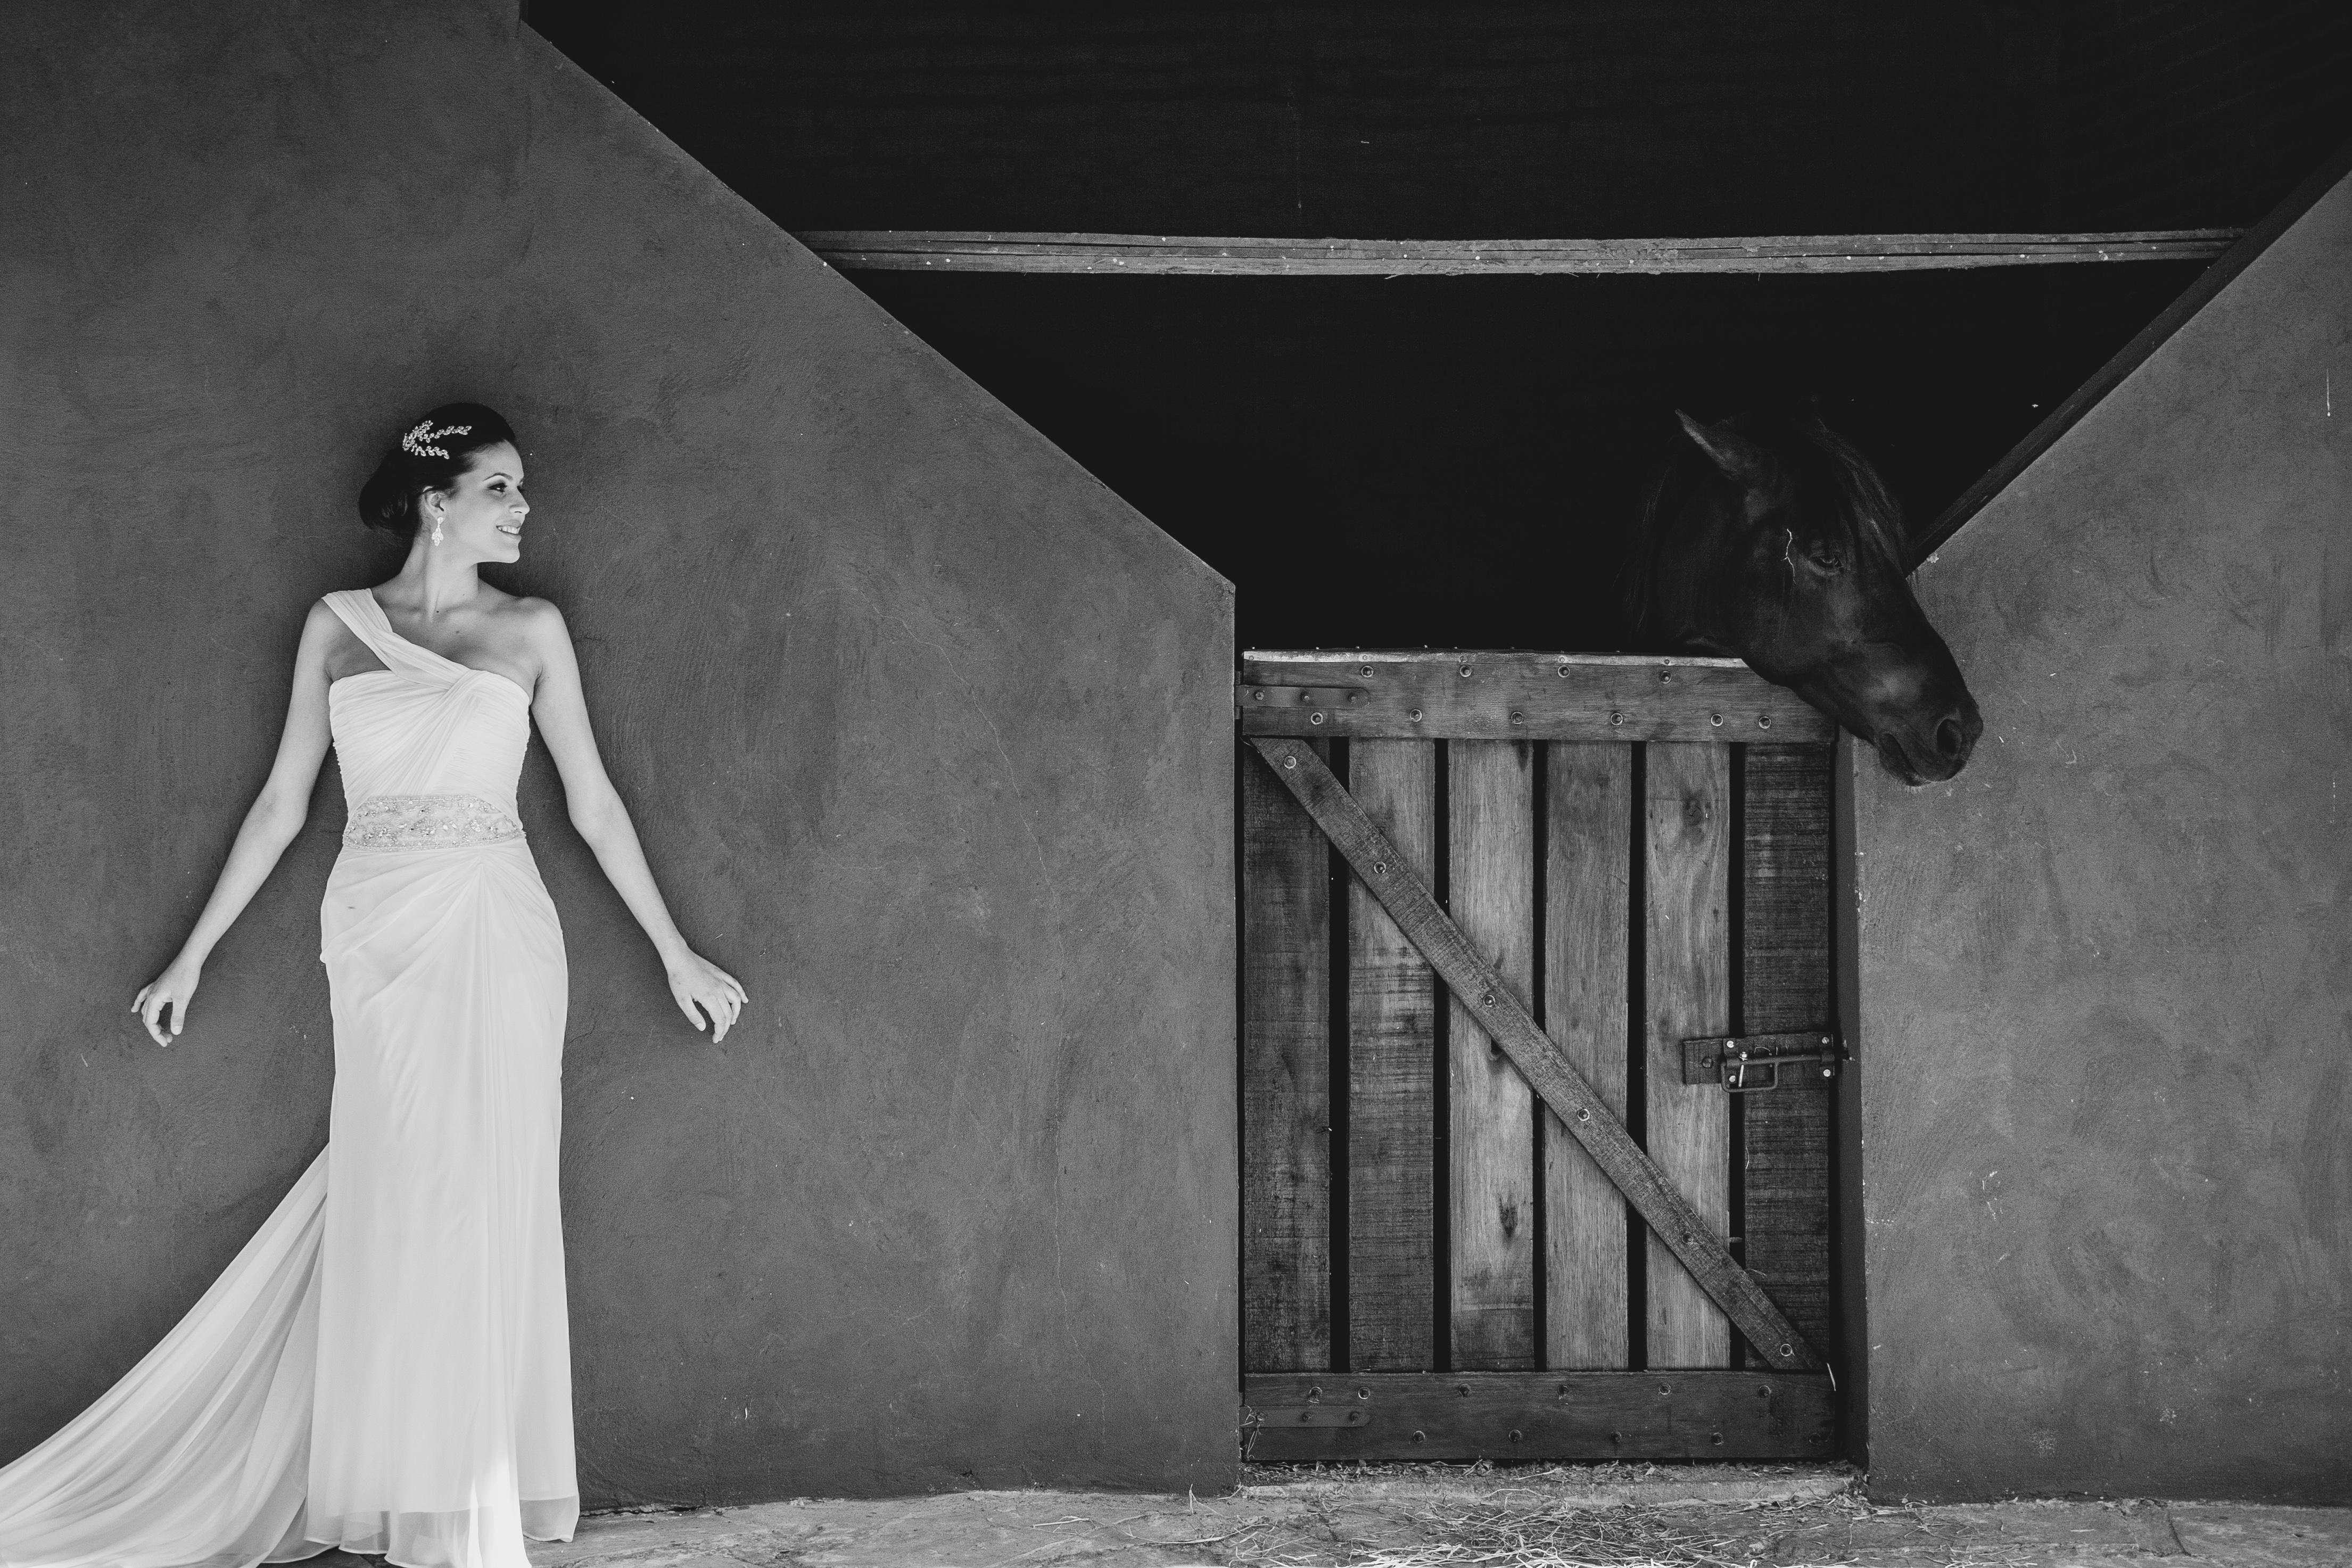 Curso de fotografia em pouso alegre e região, para fotógrafos do ramo de casamento